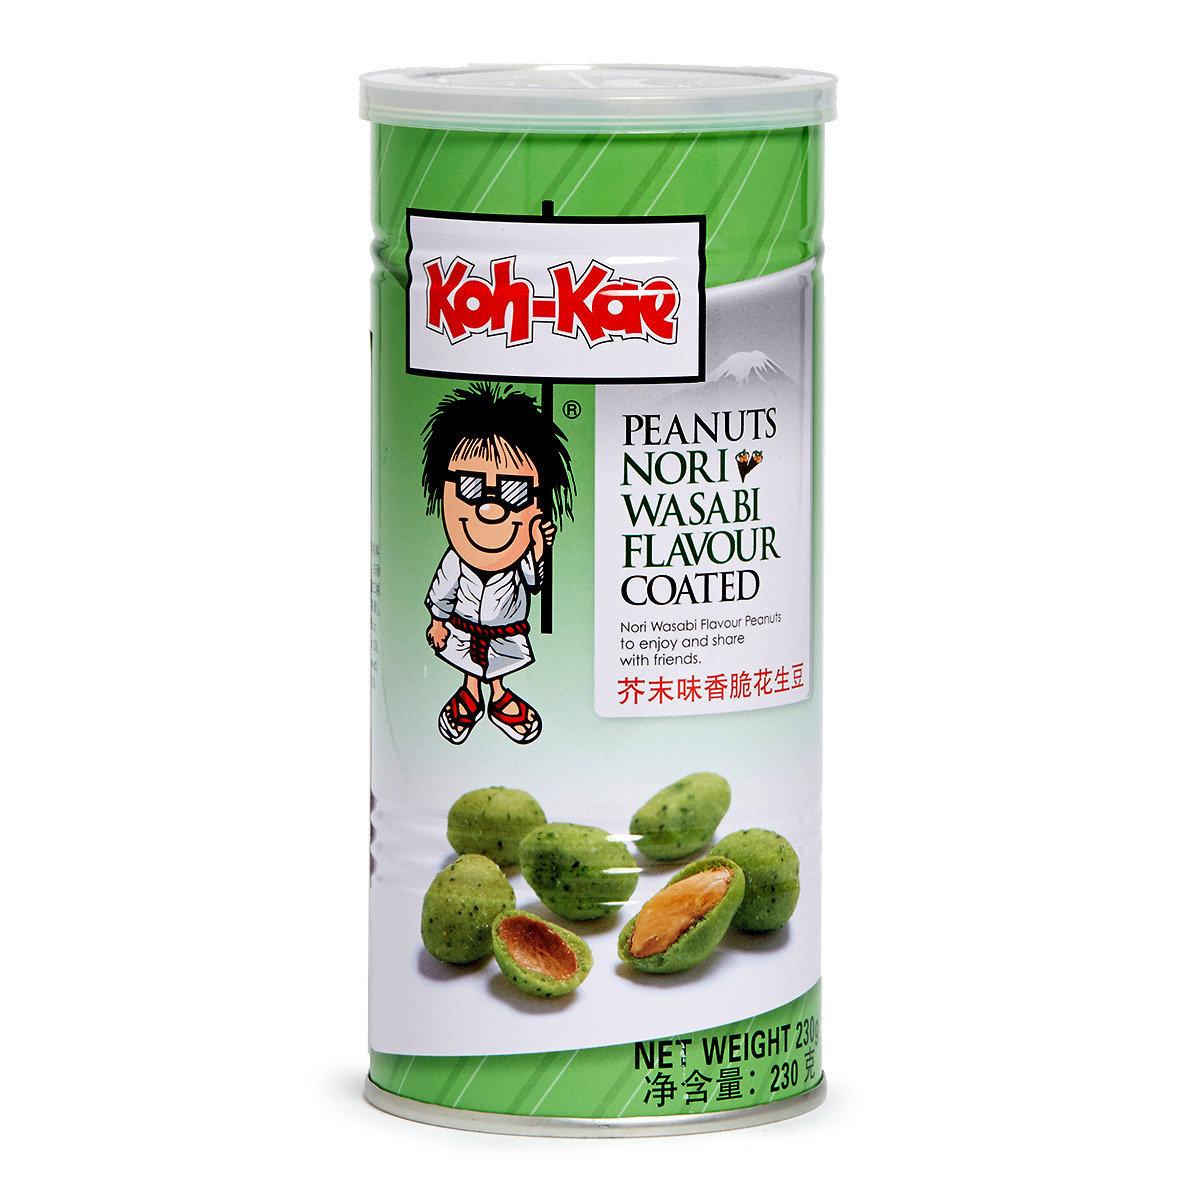 芥末味香脆花生豆